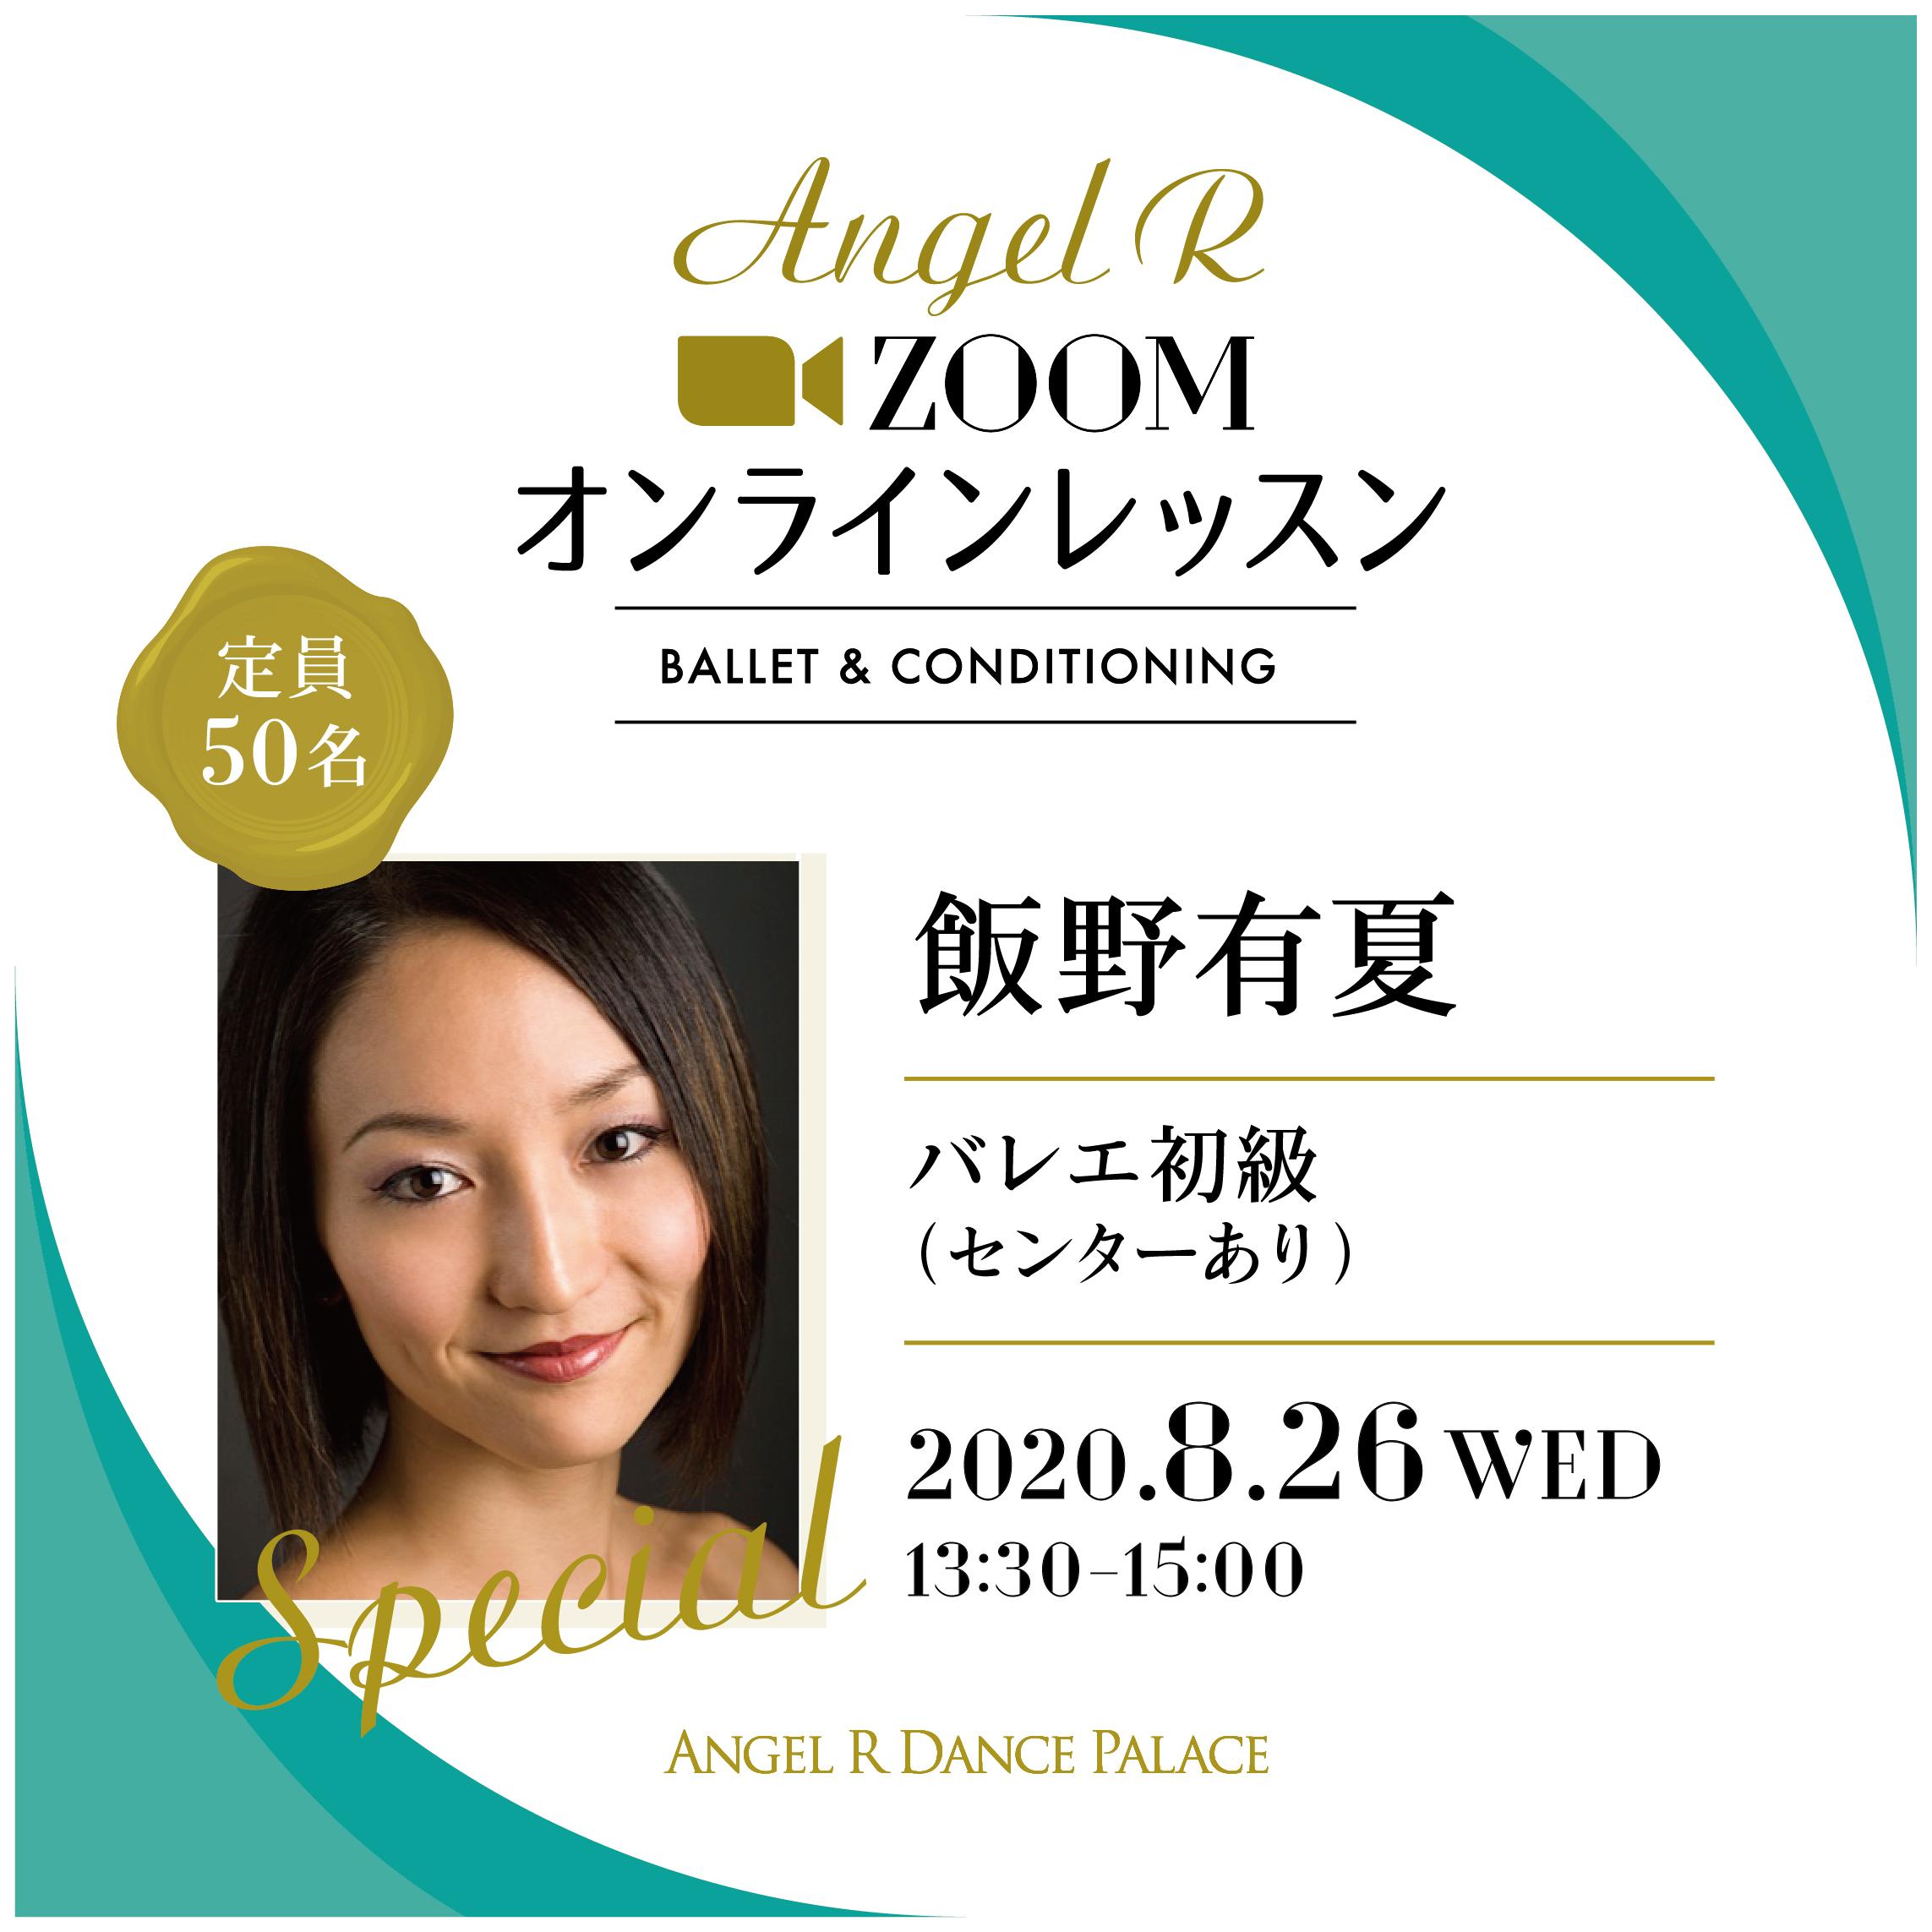 A_ZOOMOL_SNS_yukaiino_826-03